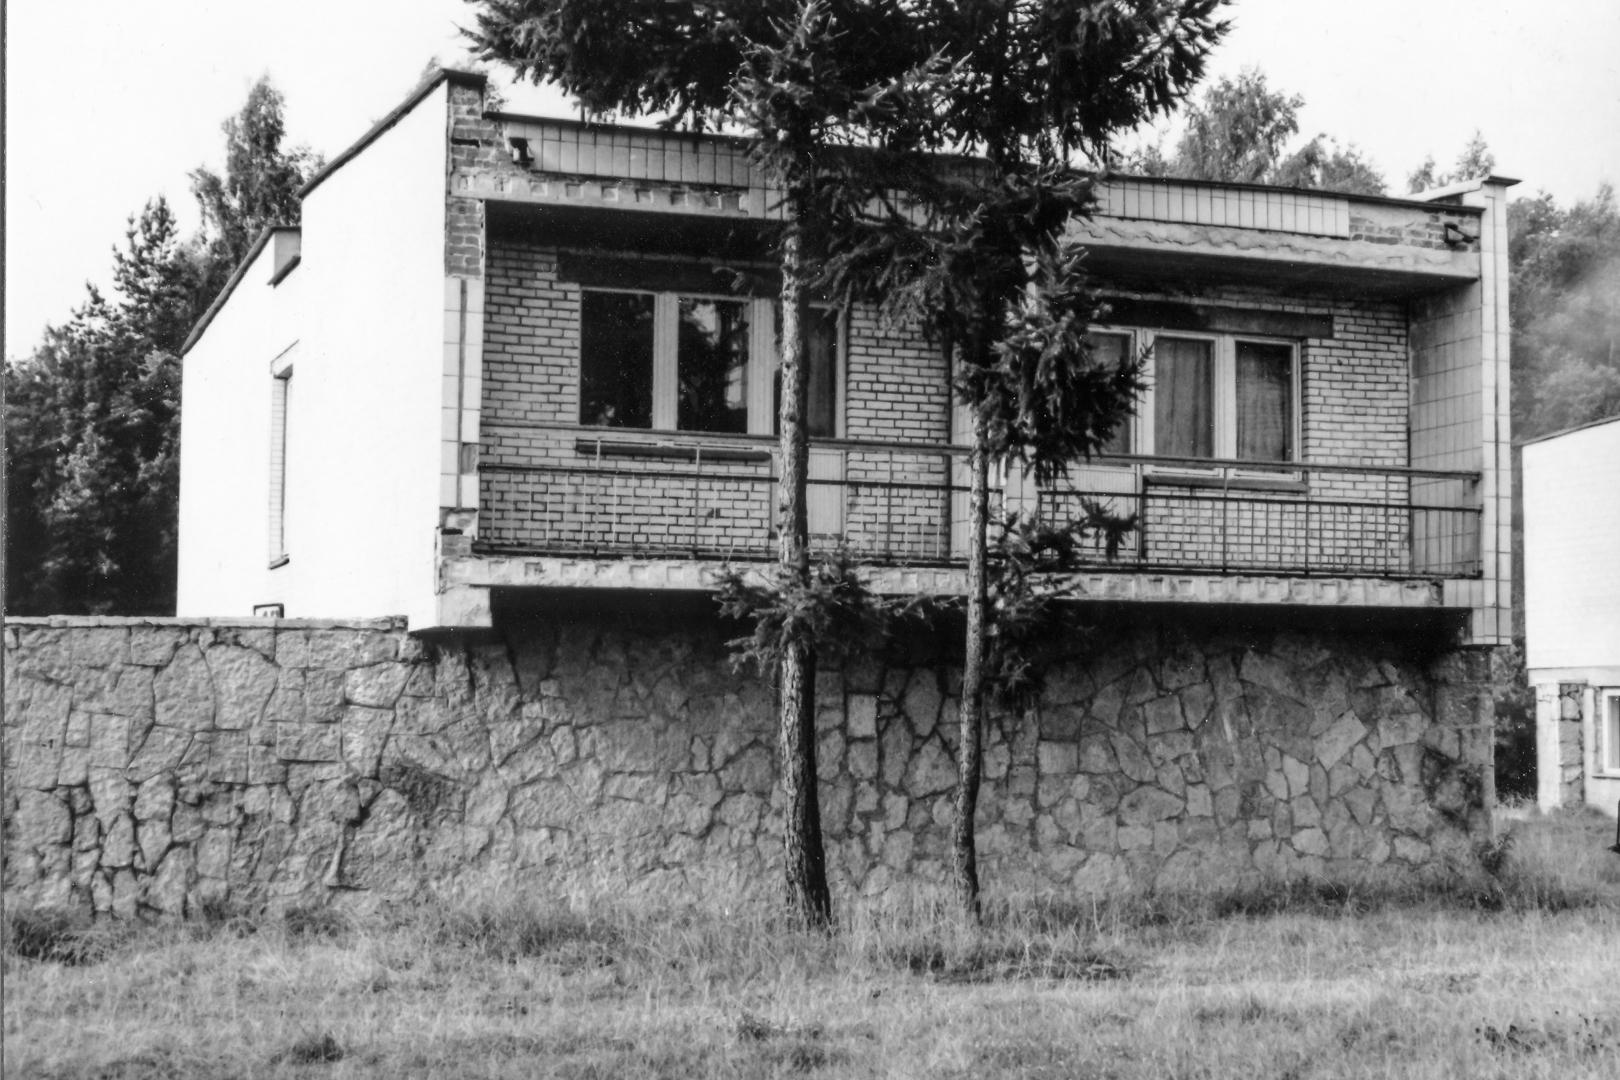 leningrad-1983-07jpg_40216845325_o.jpg